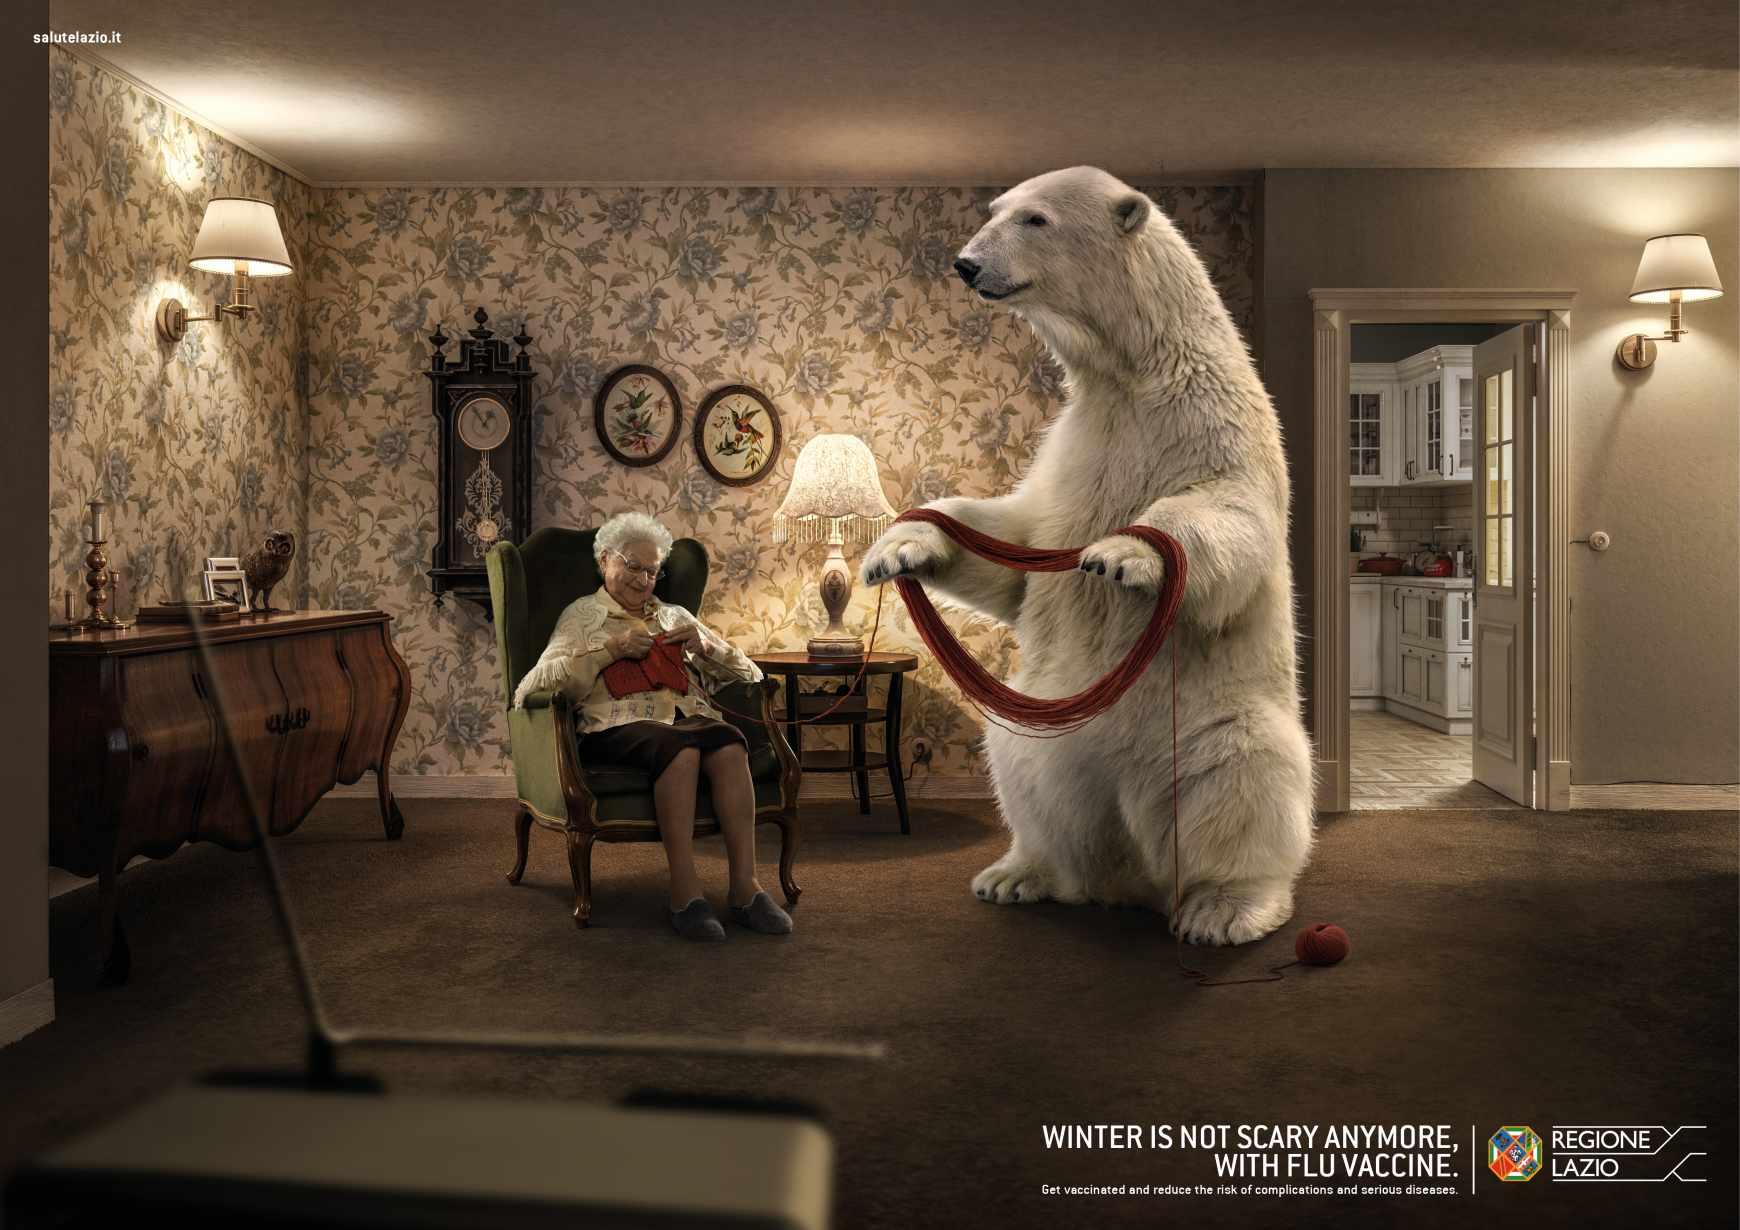 Regione Lazio Print Ad - Unscary Winter - Bear